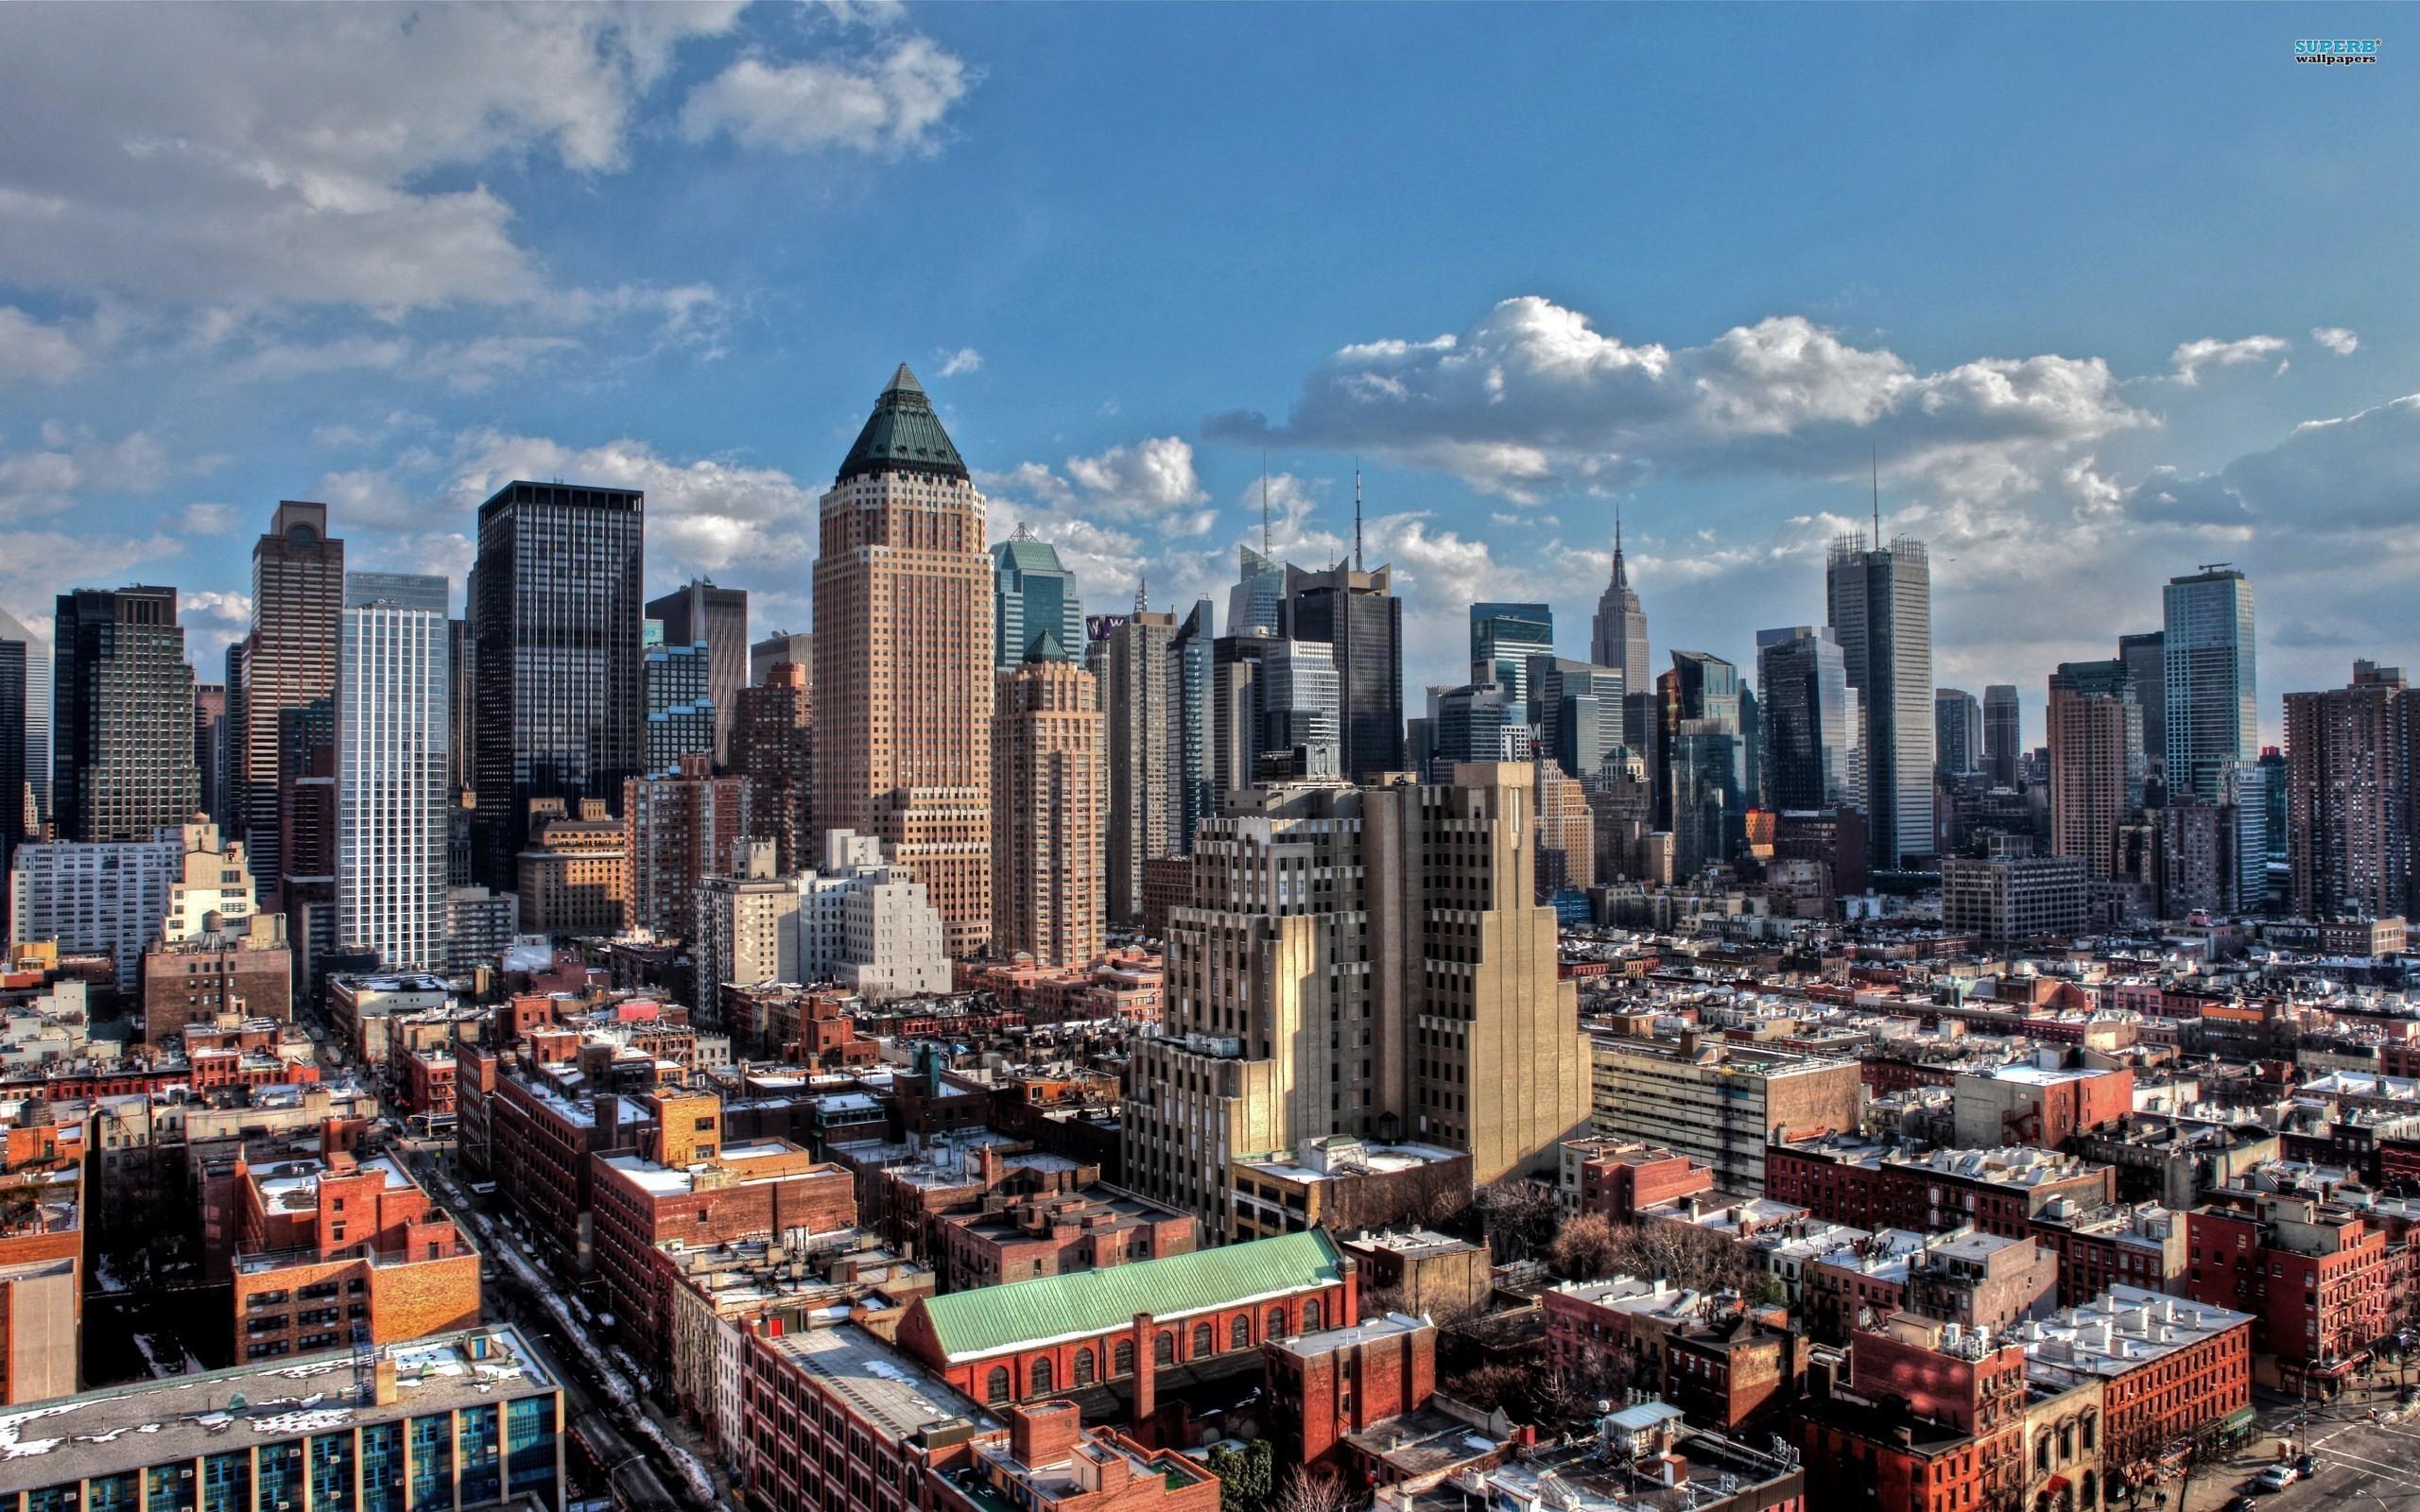 Manhattan wallpaper 2560x1600